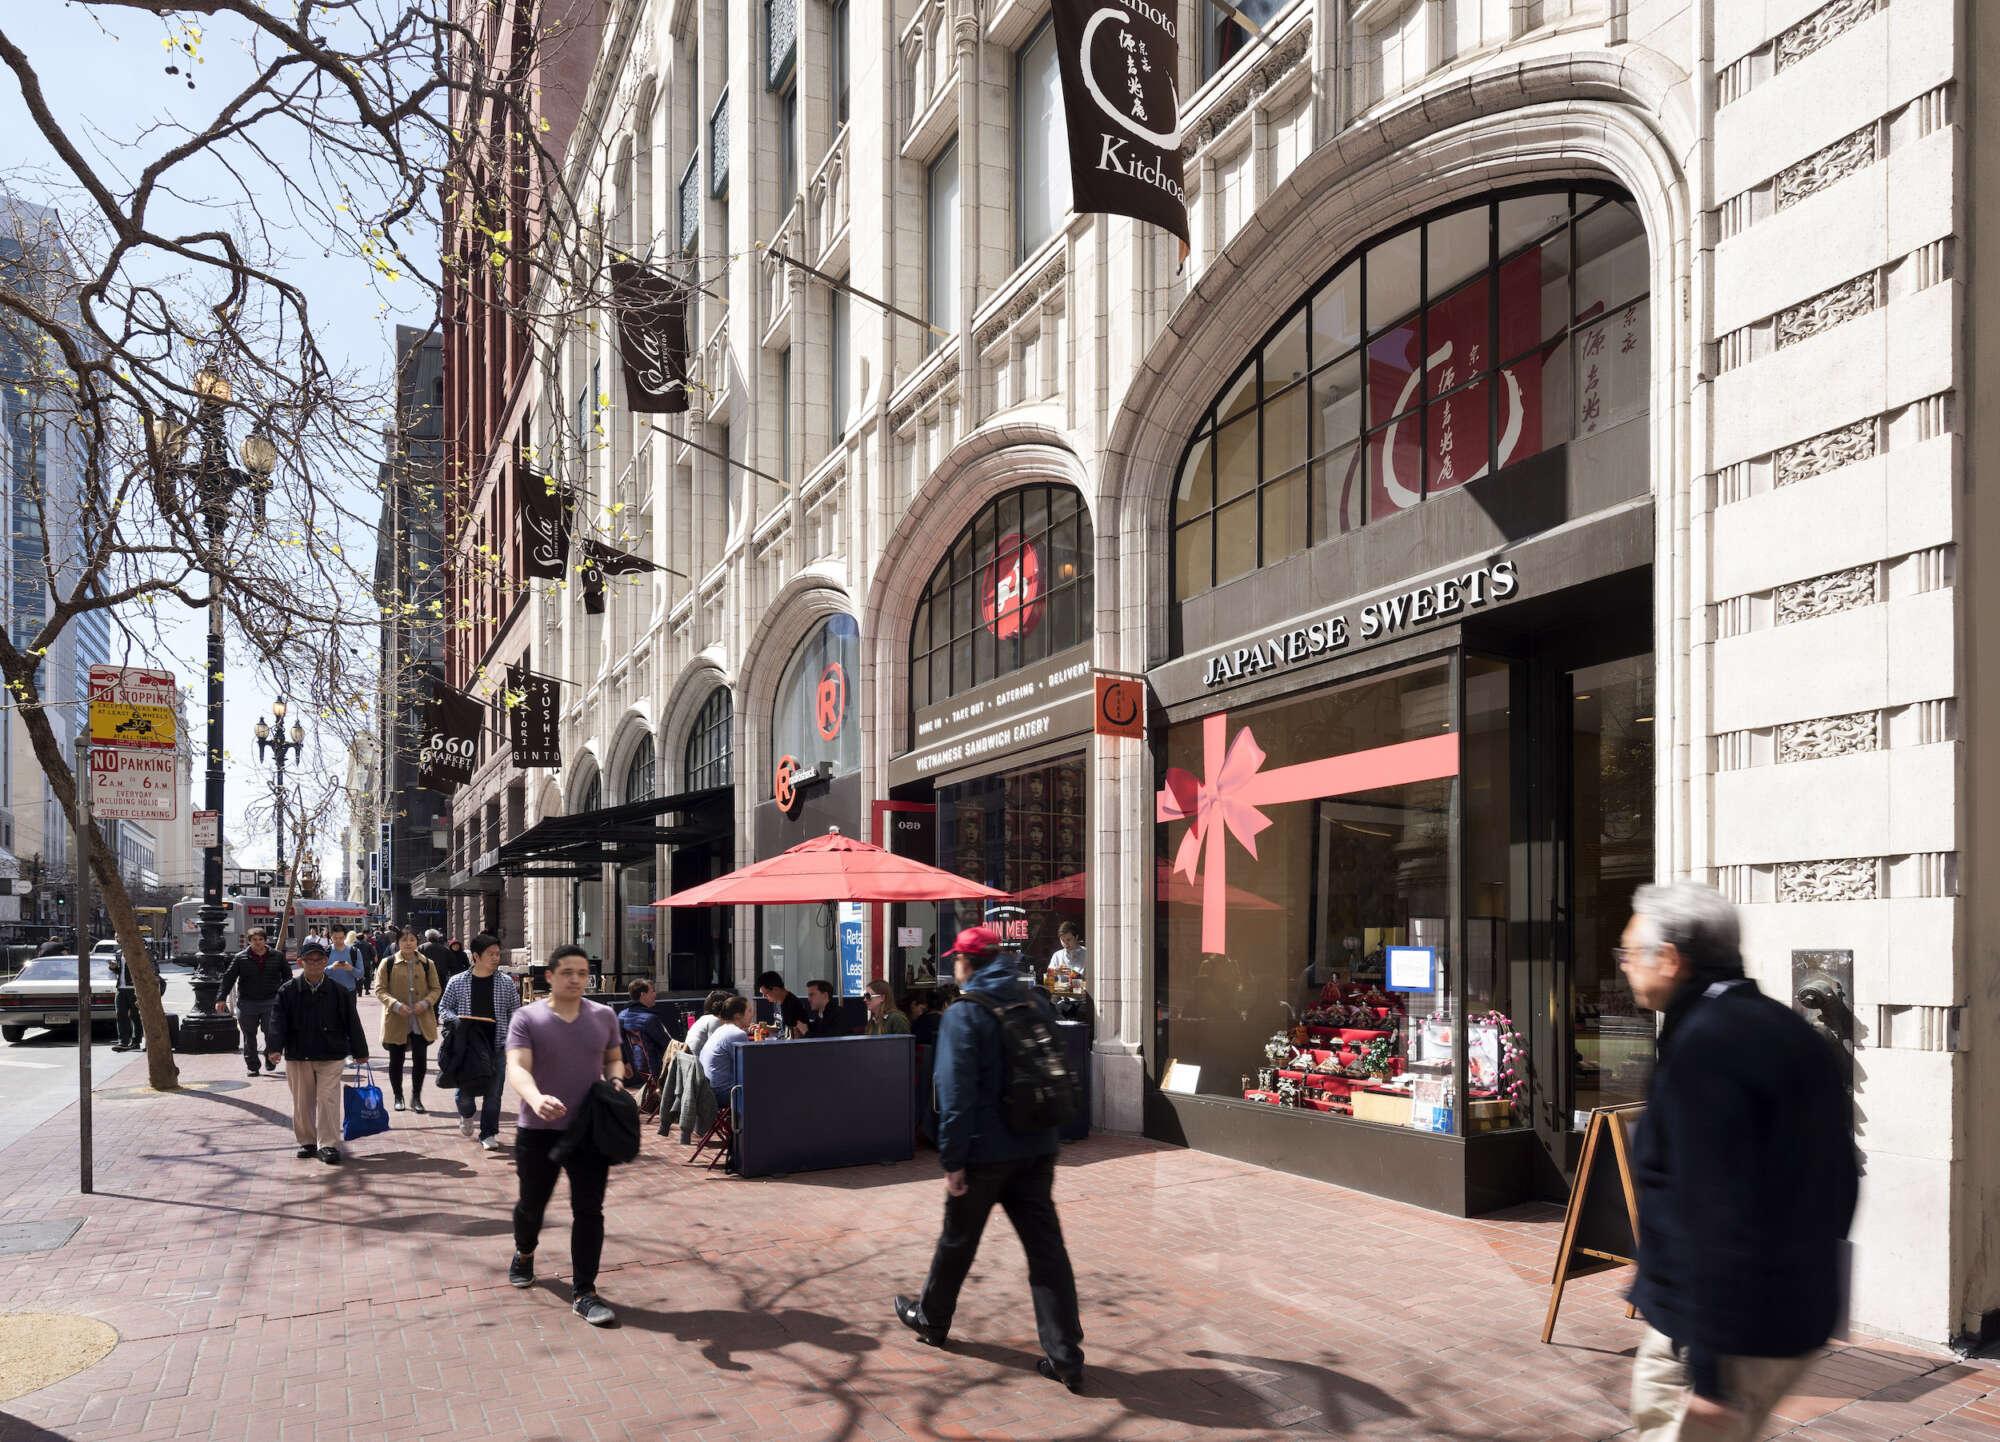 660 Market retail store facades with pedestrians on sidewalk